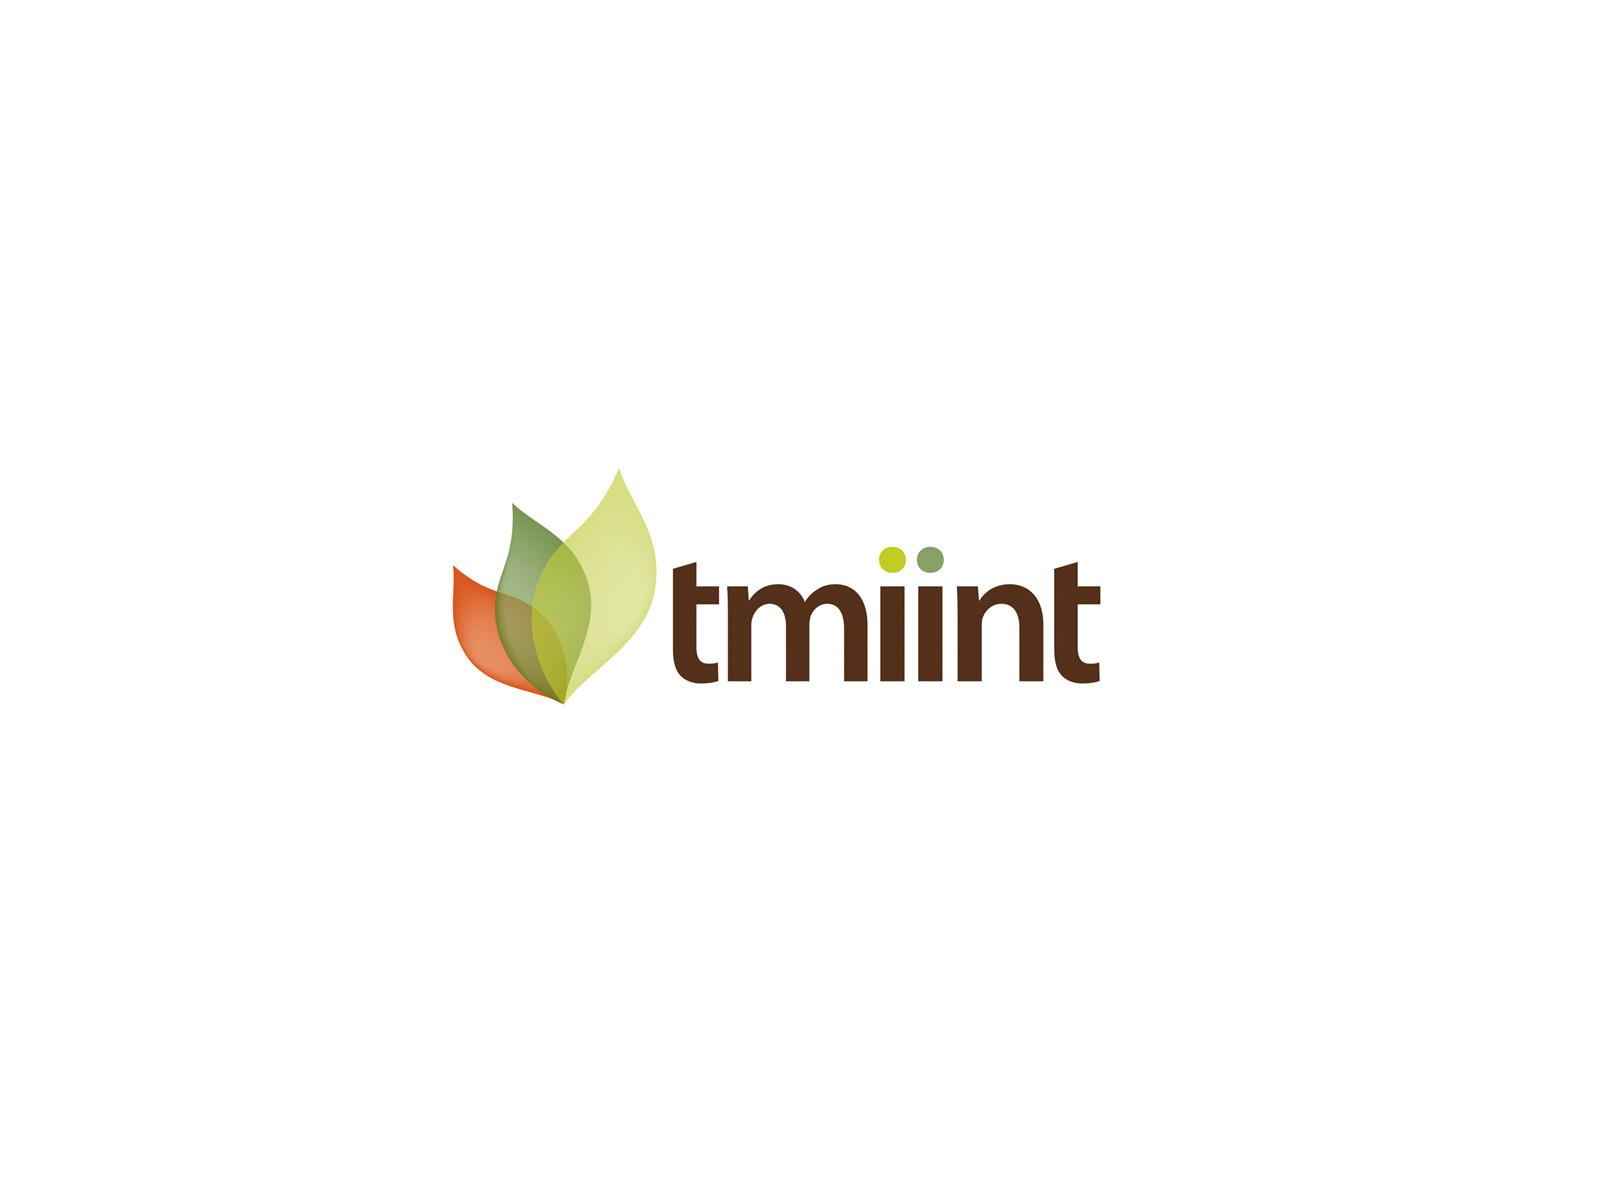 tmiint logo design